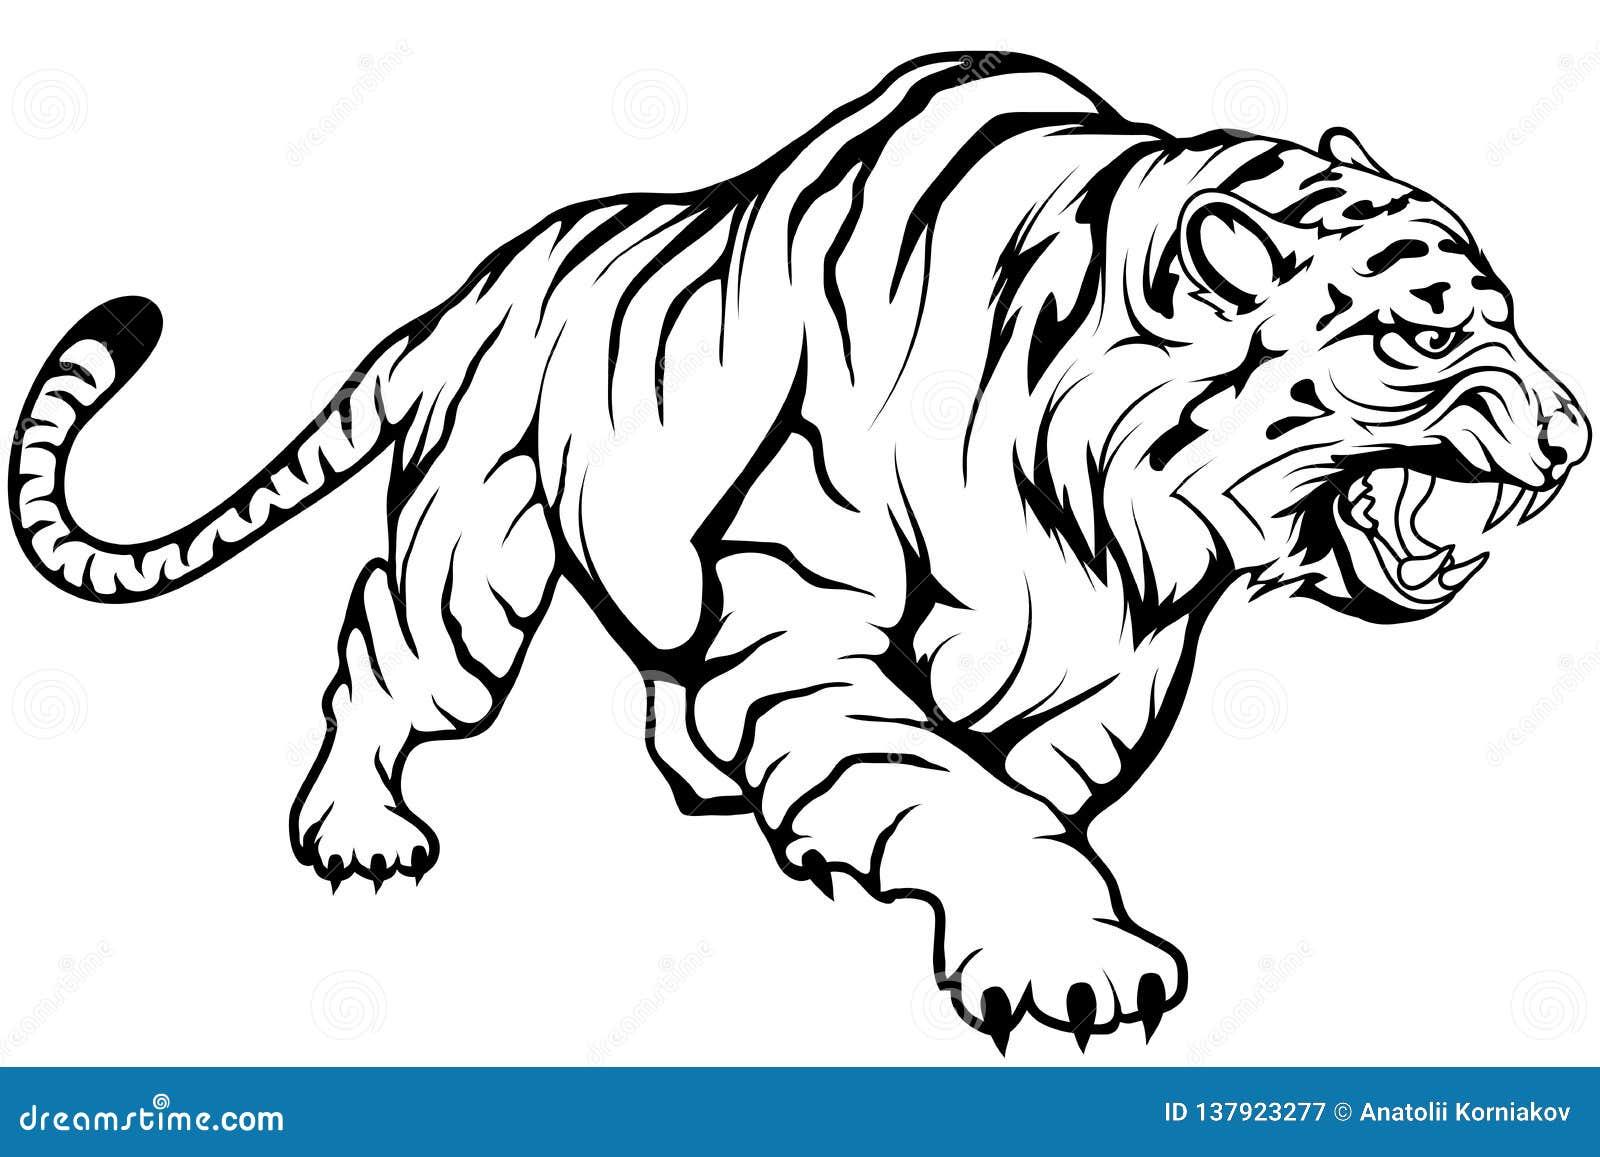 Tigre Sketch: Dessin De Vecteur De Tigre, Croquis De Dessin De Tigre